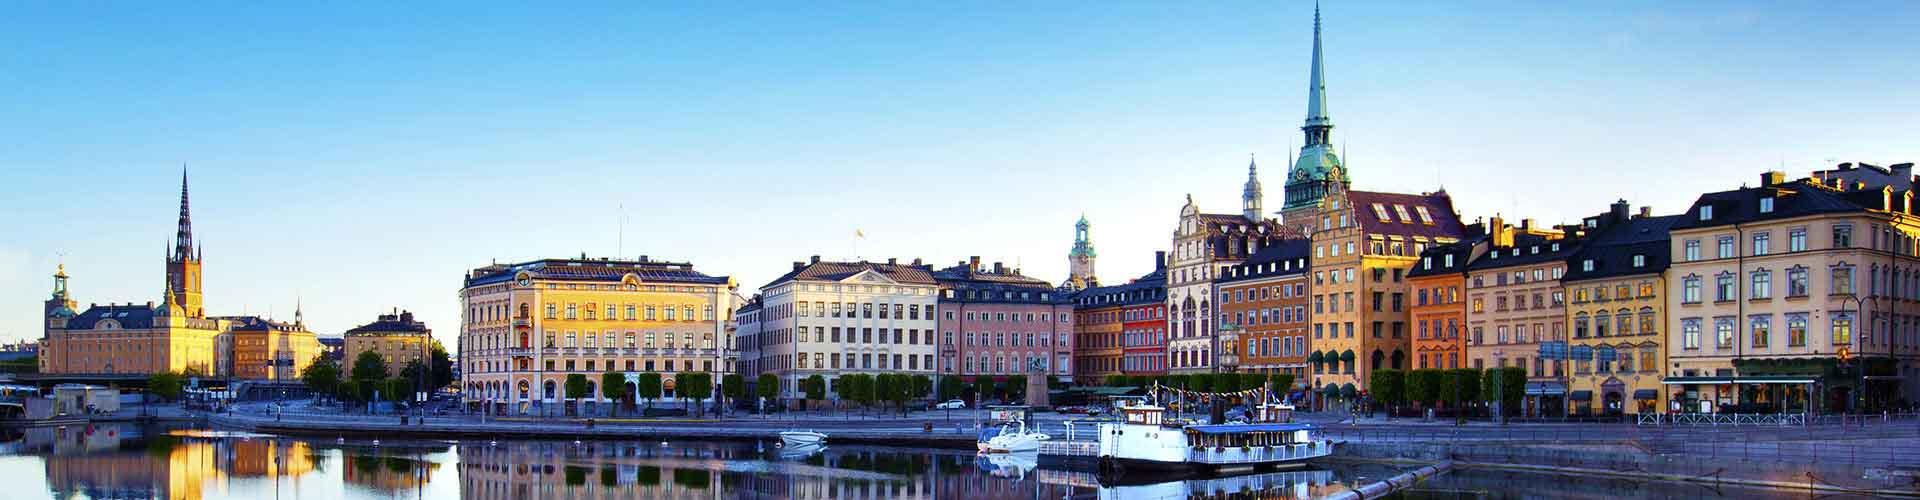 Sztokholm - Hostele w mieście: Sztokholm, Mapy: Sztokholm, Zdjęcia i Recenzje dla każdego hostelu w mieście Sztokholm.